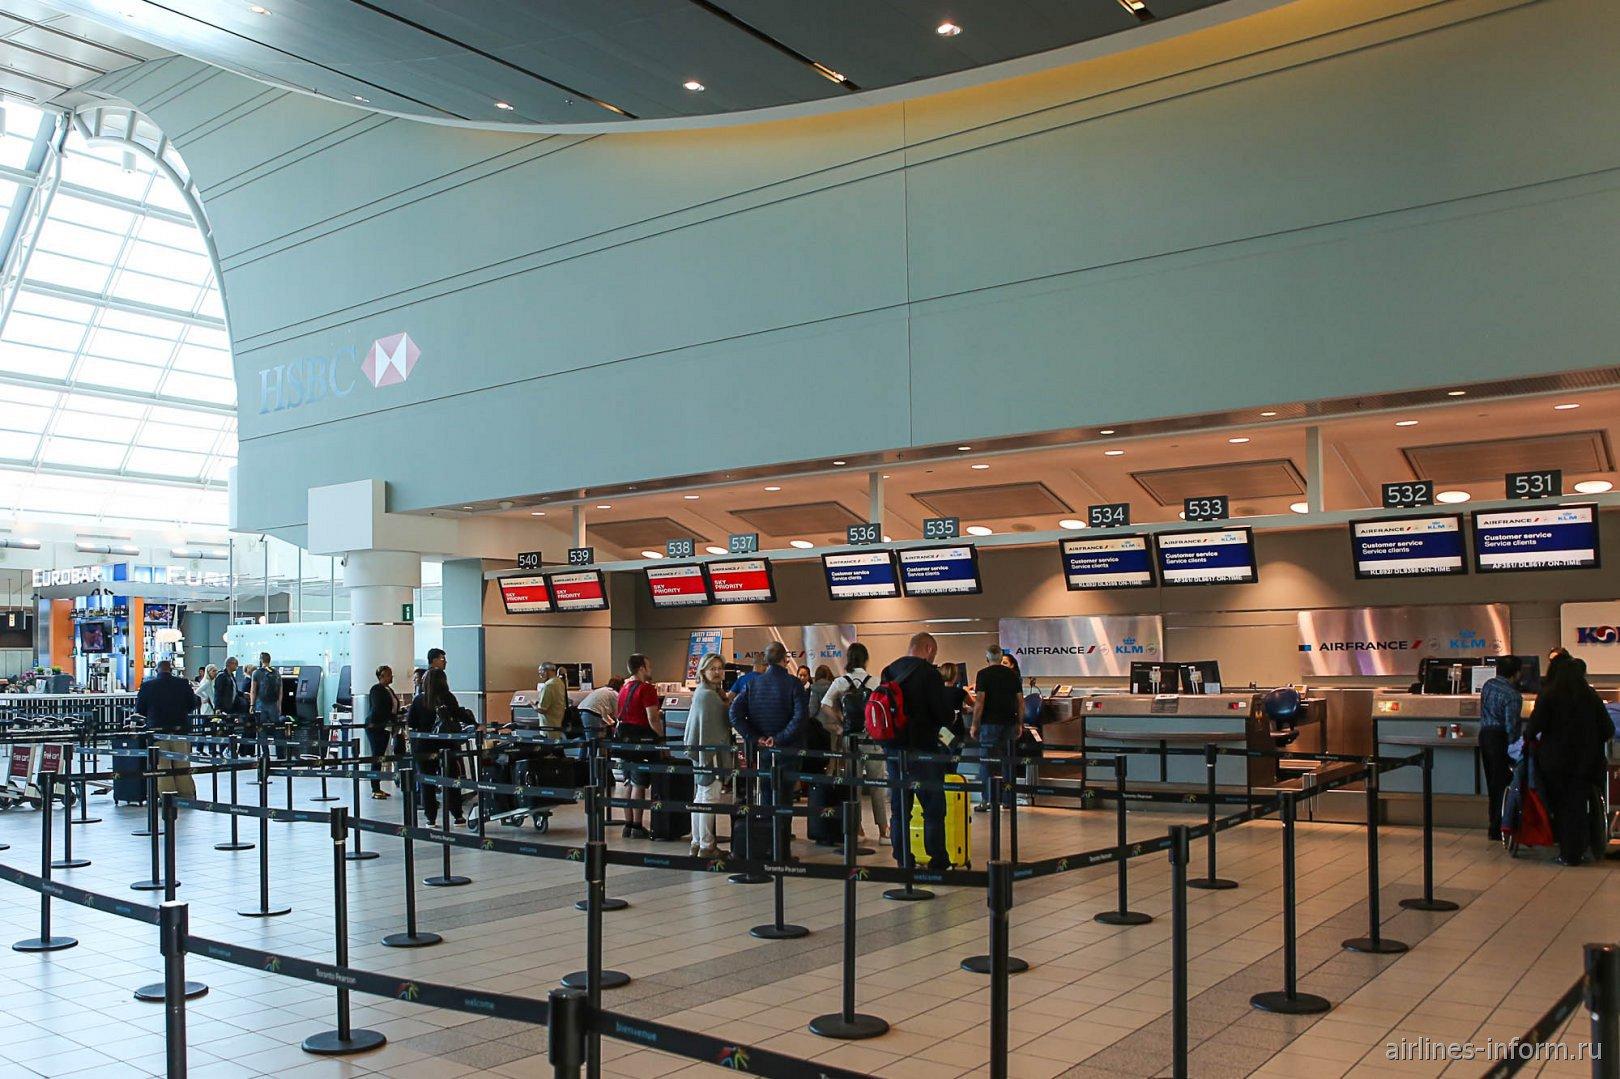 Зона регистрации авиакомпаний Air France и KLM в терминале 3 аэропорта Торонто Пирсон